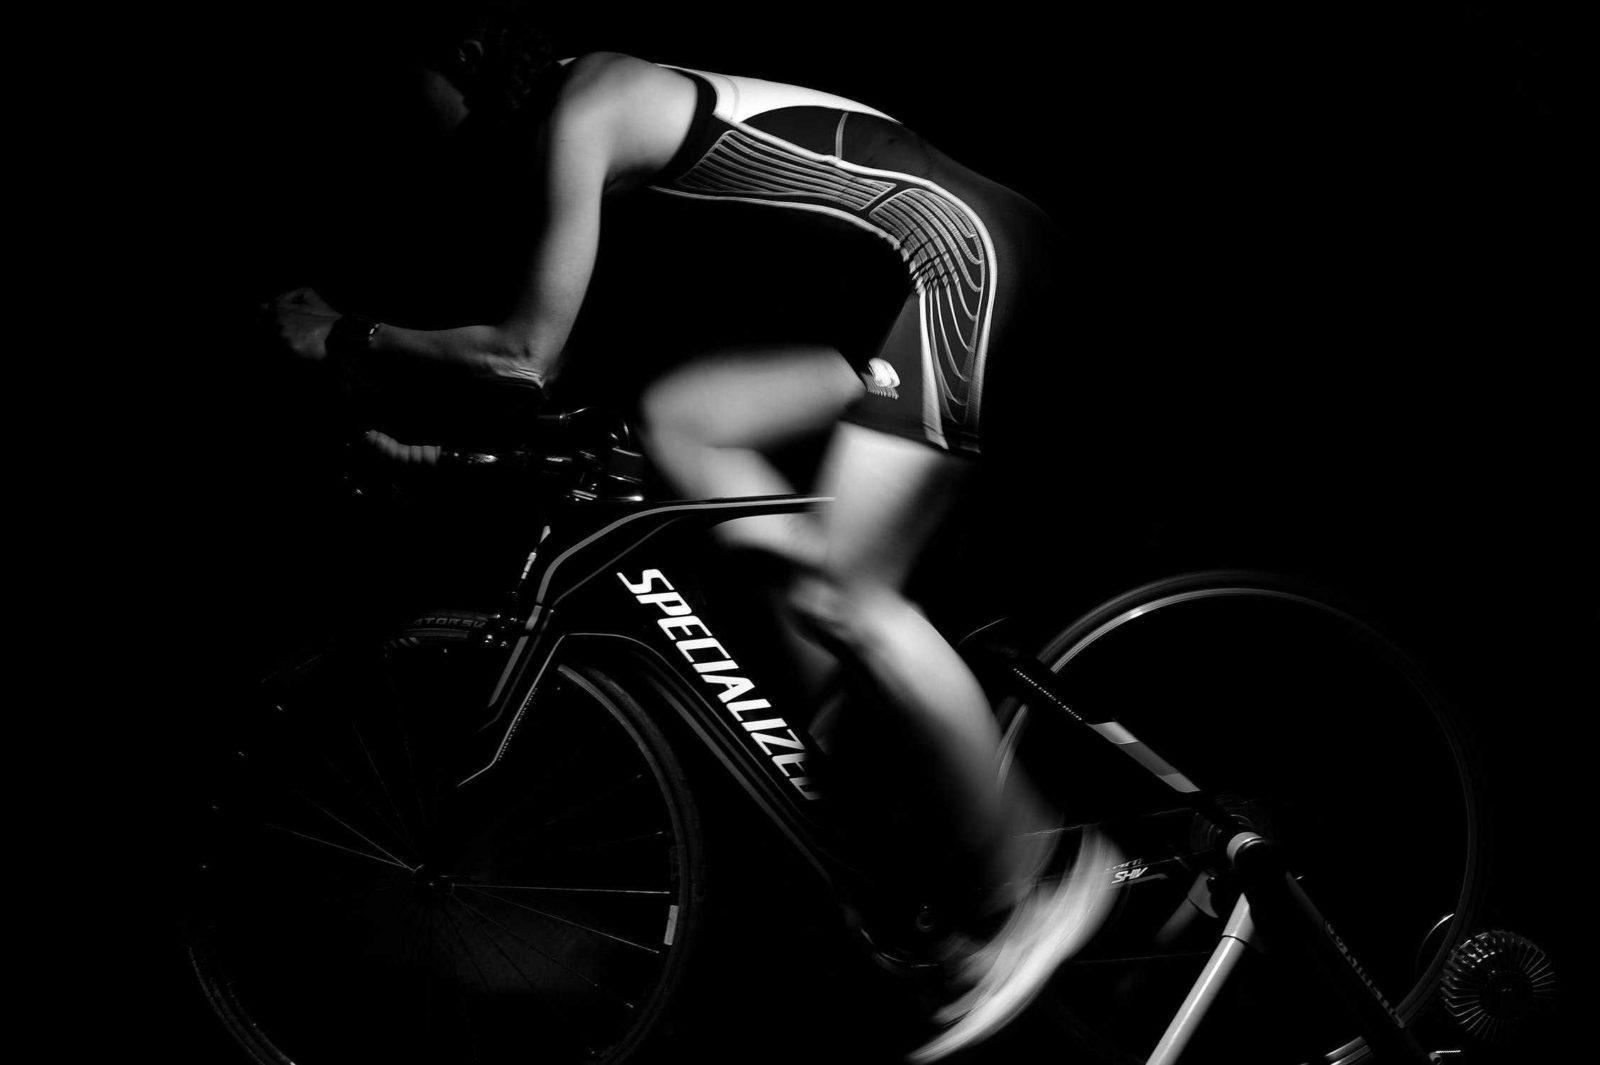 Otot tubuh yang dipakai ketika bersepeda